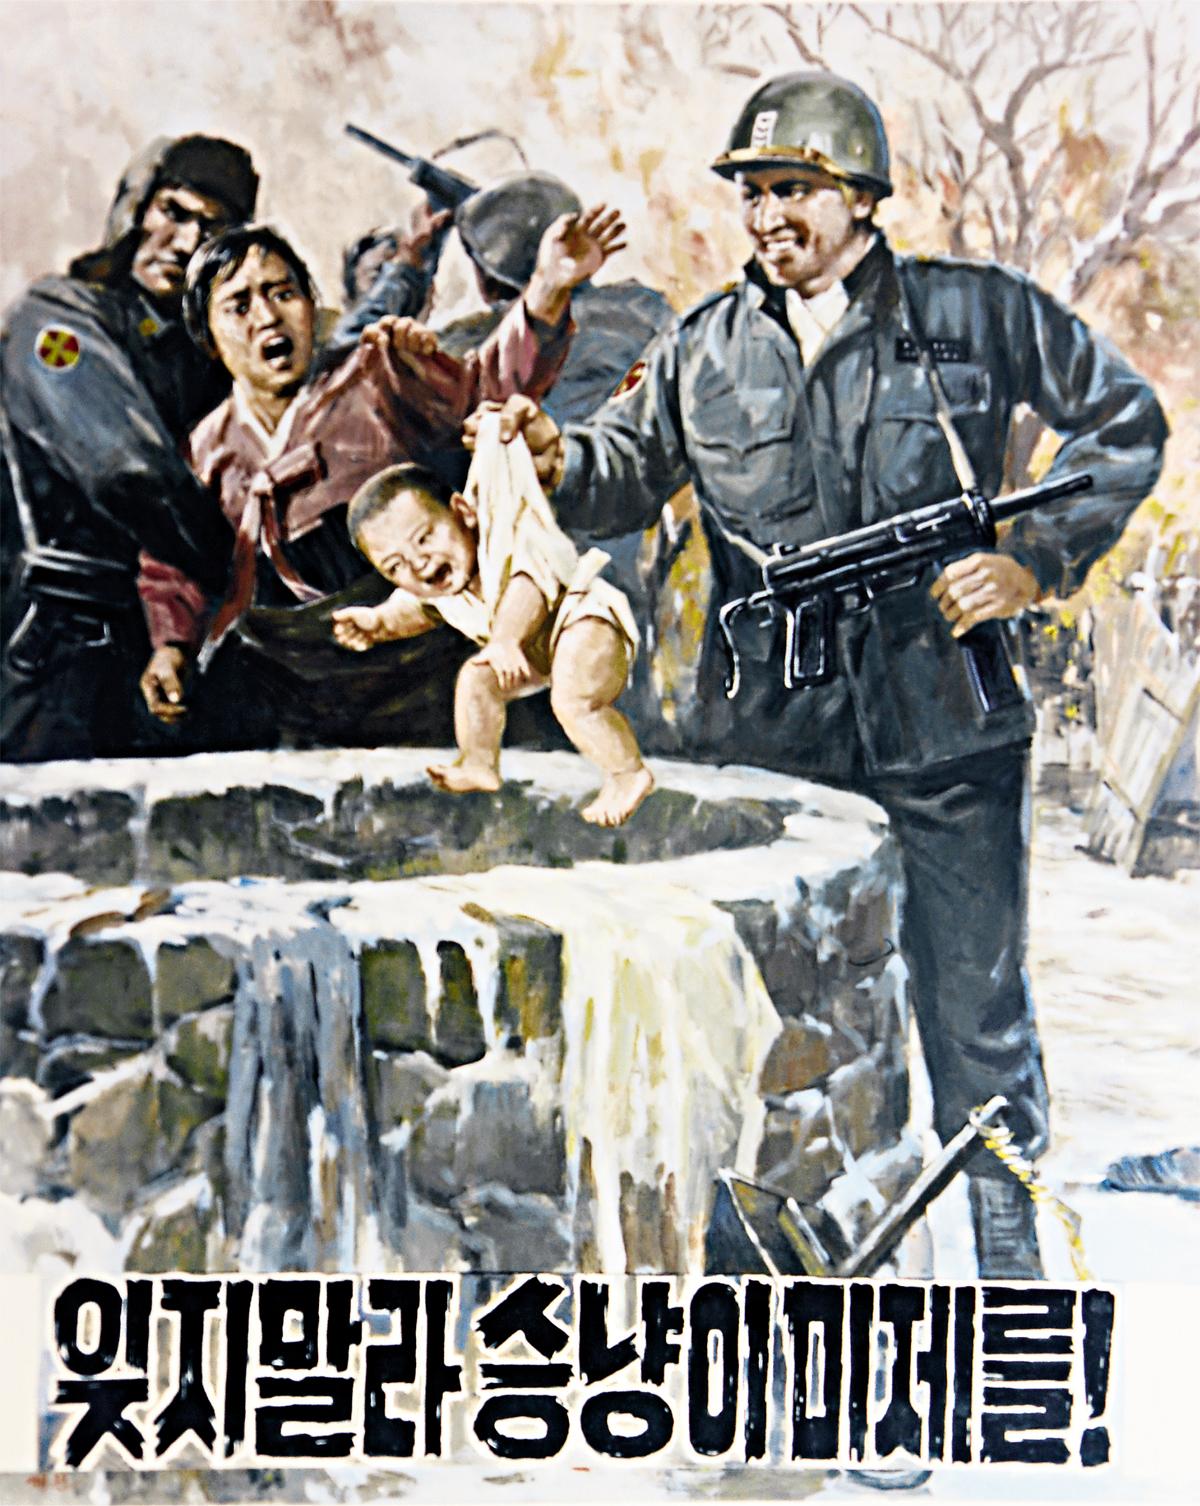 """""""Não se esqueça dos lobos imperialistas norte-americanos!"""", diz o cartaz. Em 1970, a Coreia do Norte temia uma invasão dos Estados Unidos e então saiu em busca de solidariedade mundial"""